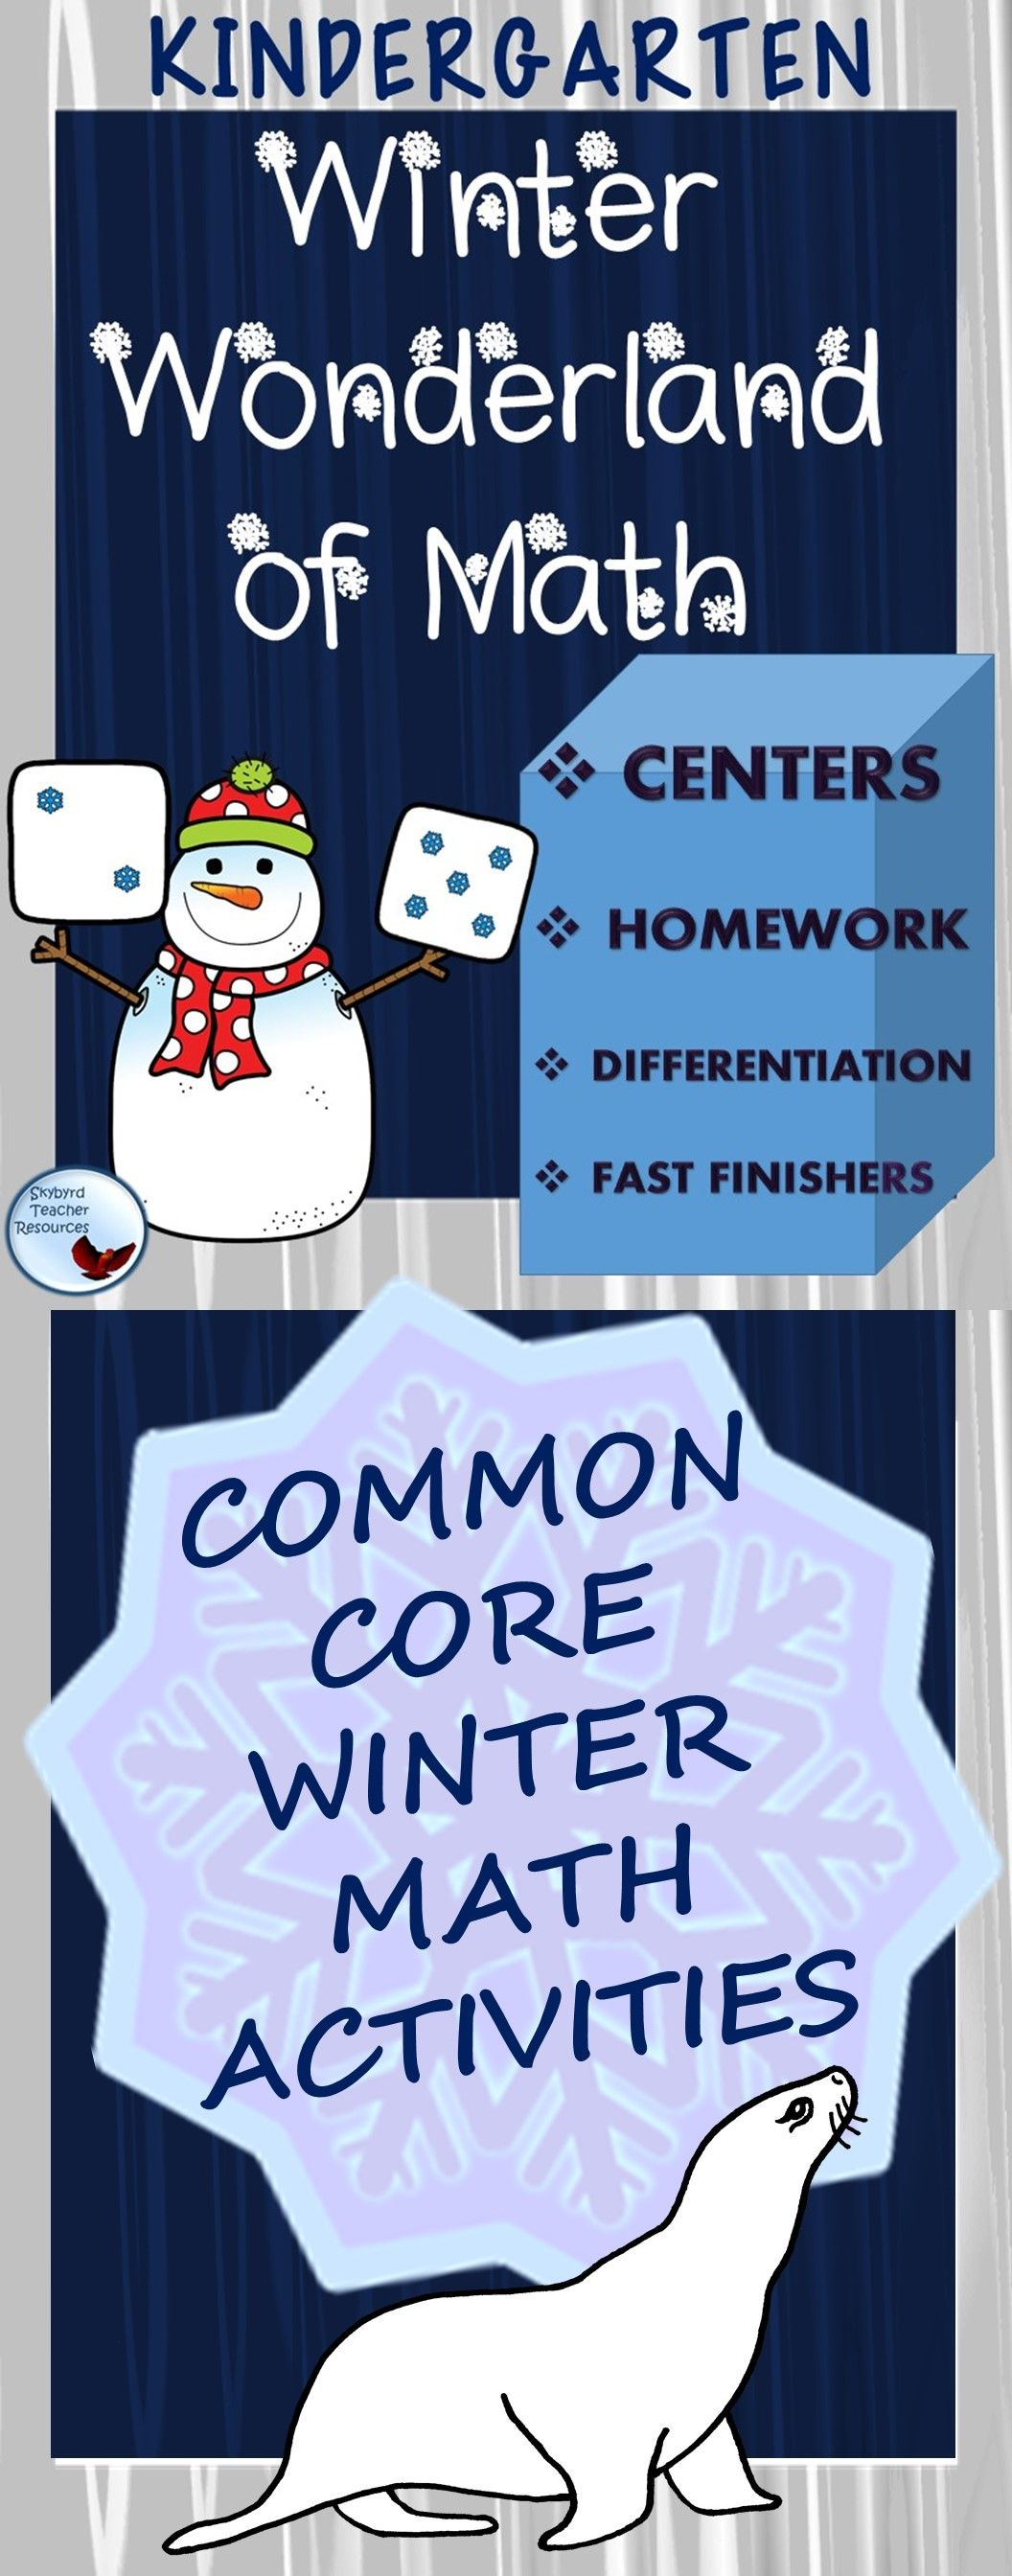 Pre Kindergarten Common Core Math Worksheet